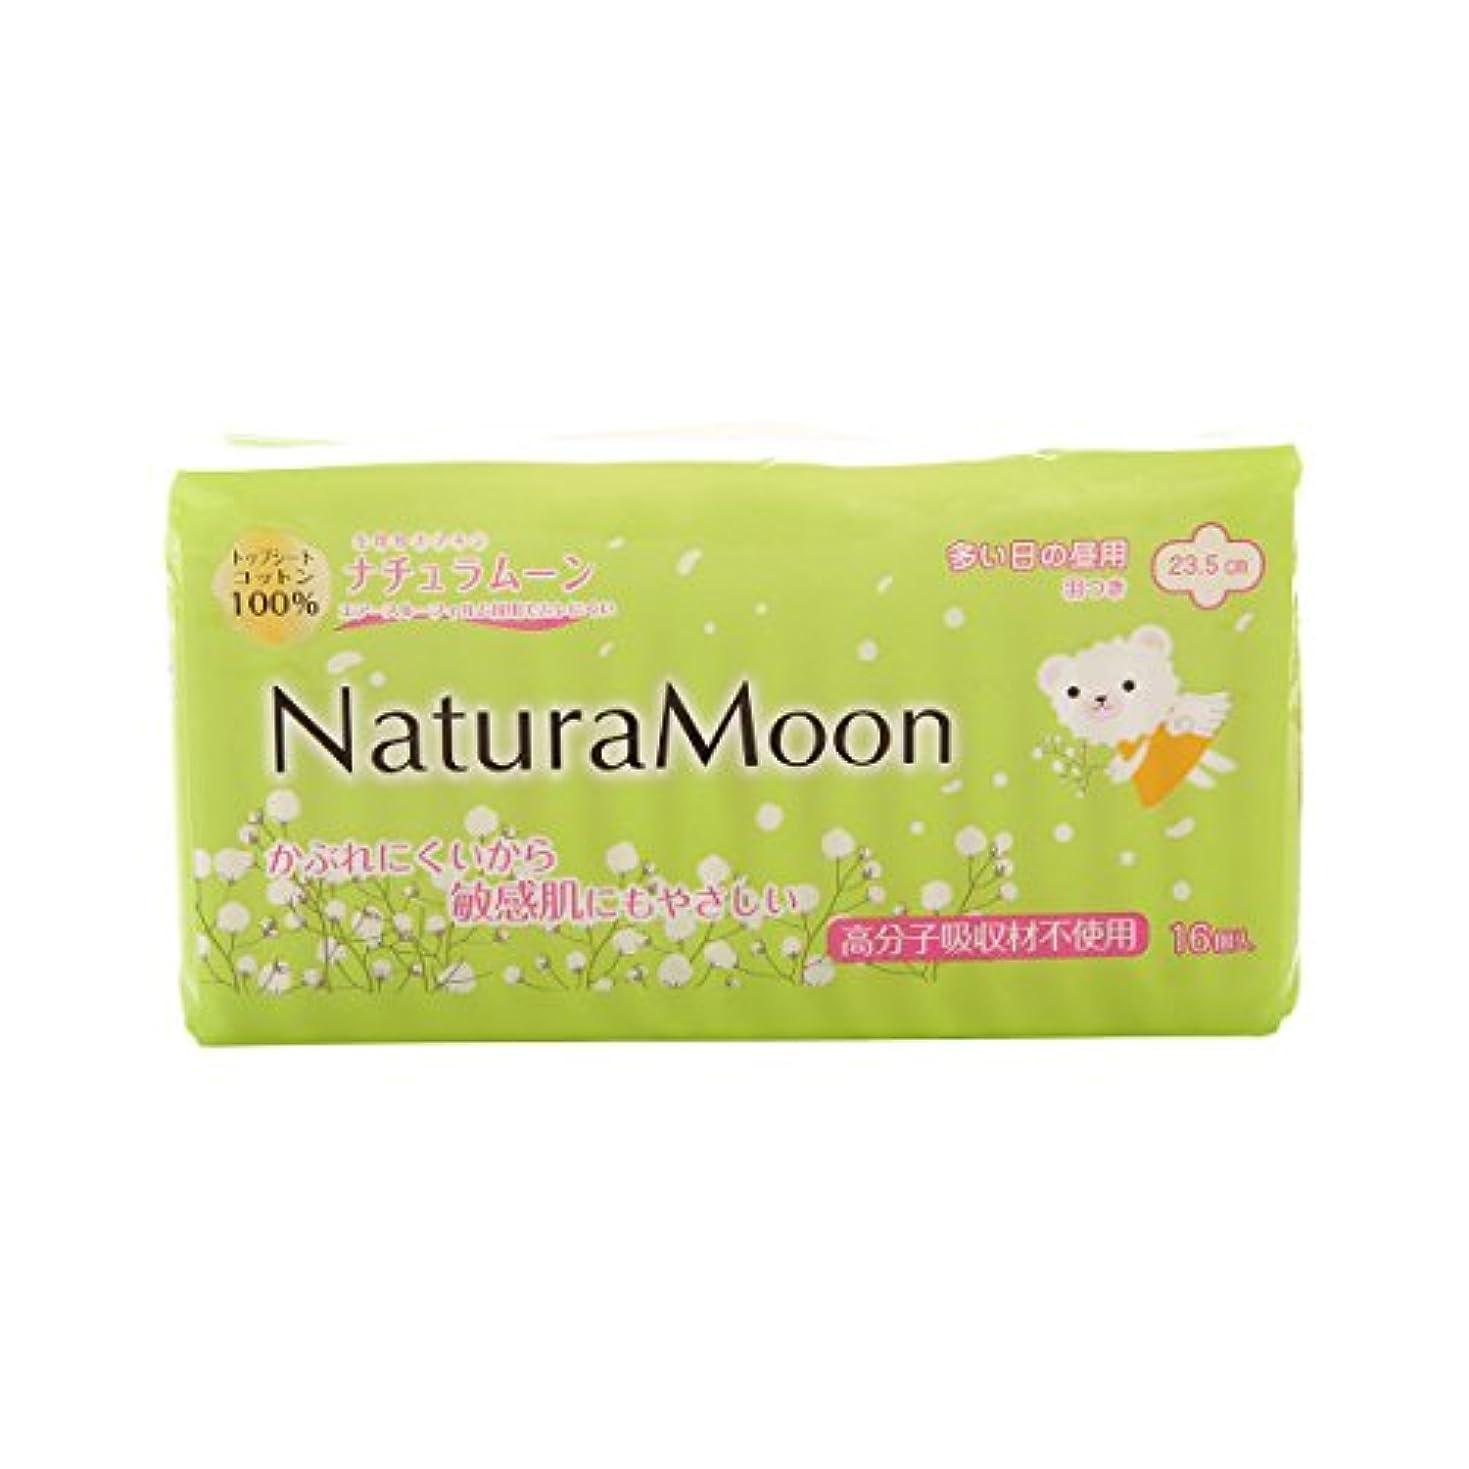 魔術論理チョーク(ナチュラムーン) Natura Moon 生理用ナプキン 多い日の昼用(羽つき) 16個入(WH-ホワイト、Free)